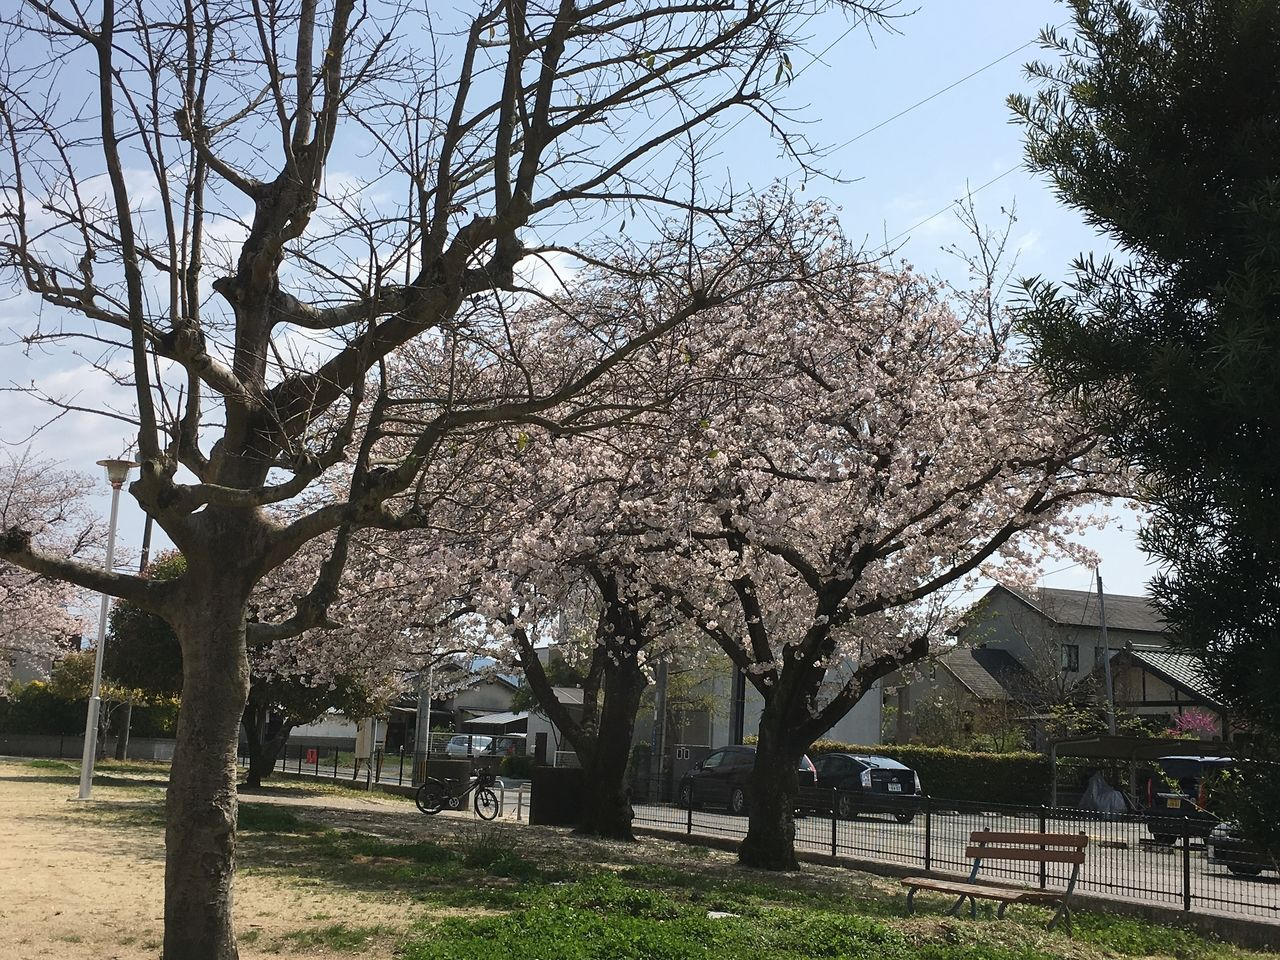 熊本市東区の沼山津公園のさくらの花がついに満開になりました。この満開の状態が一日でも長く続いてくれたらと願います。満開の桜の花はとても華やかな気持ちにしてくれます。満開の花が世情の憂さを少し…